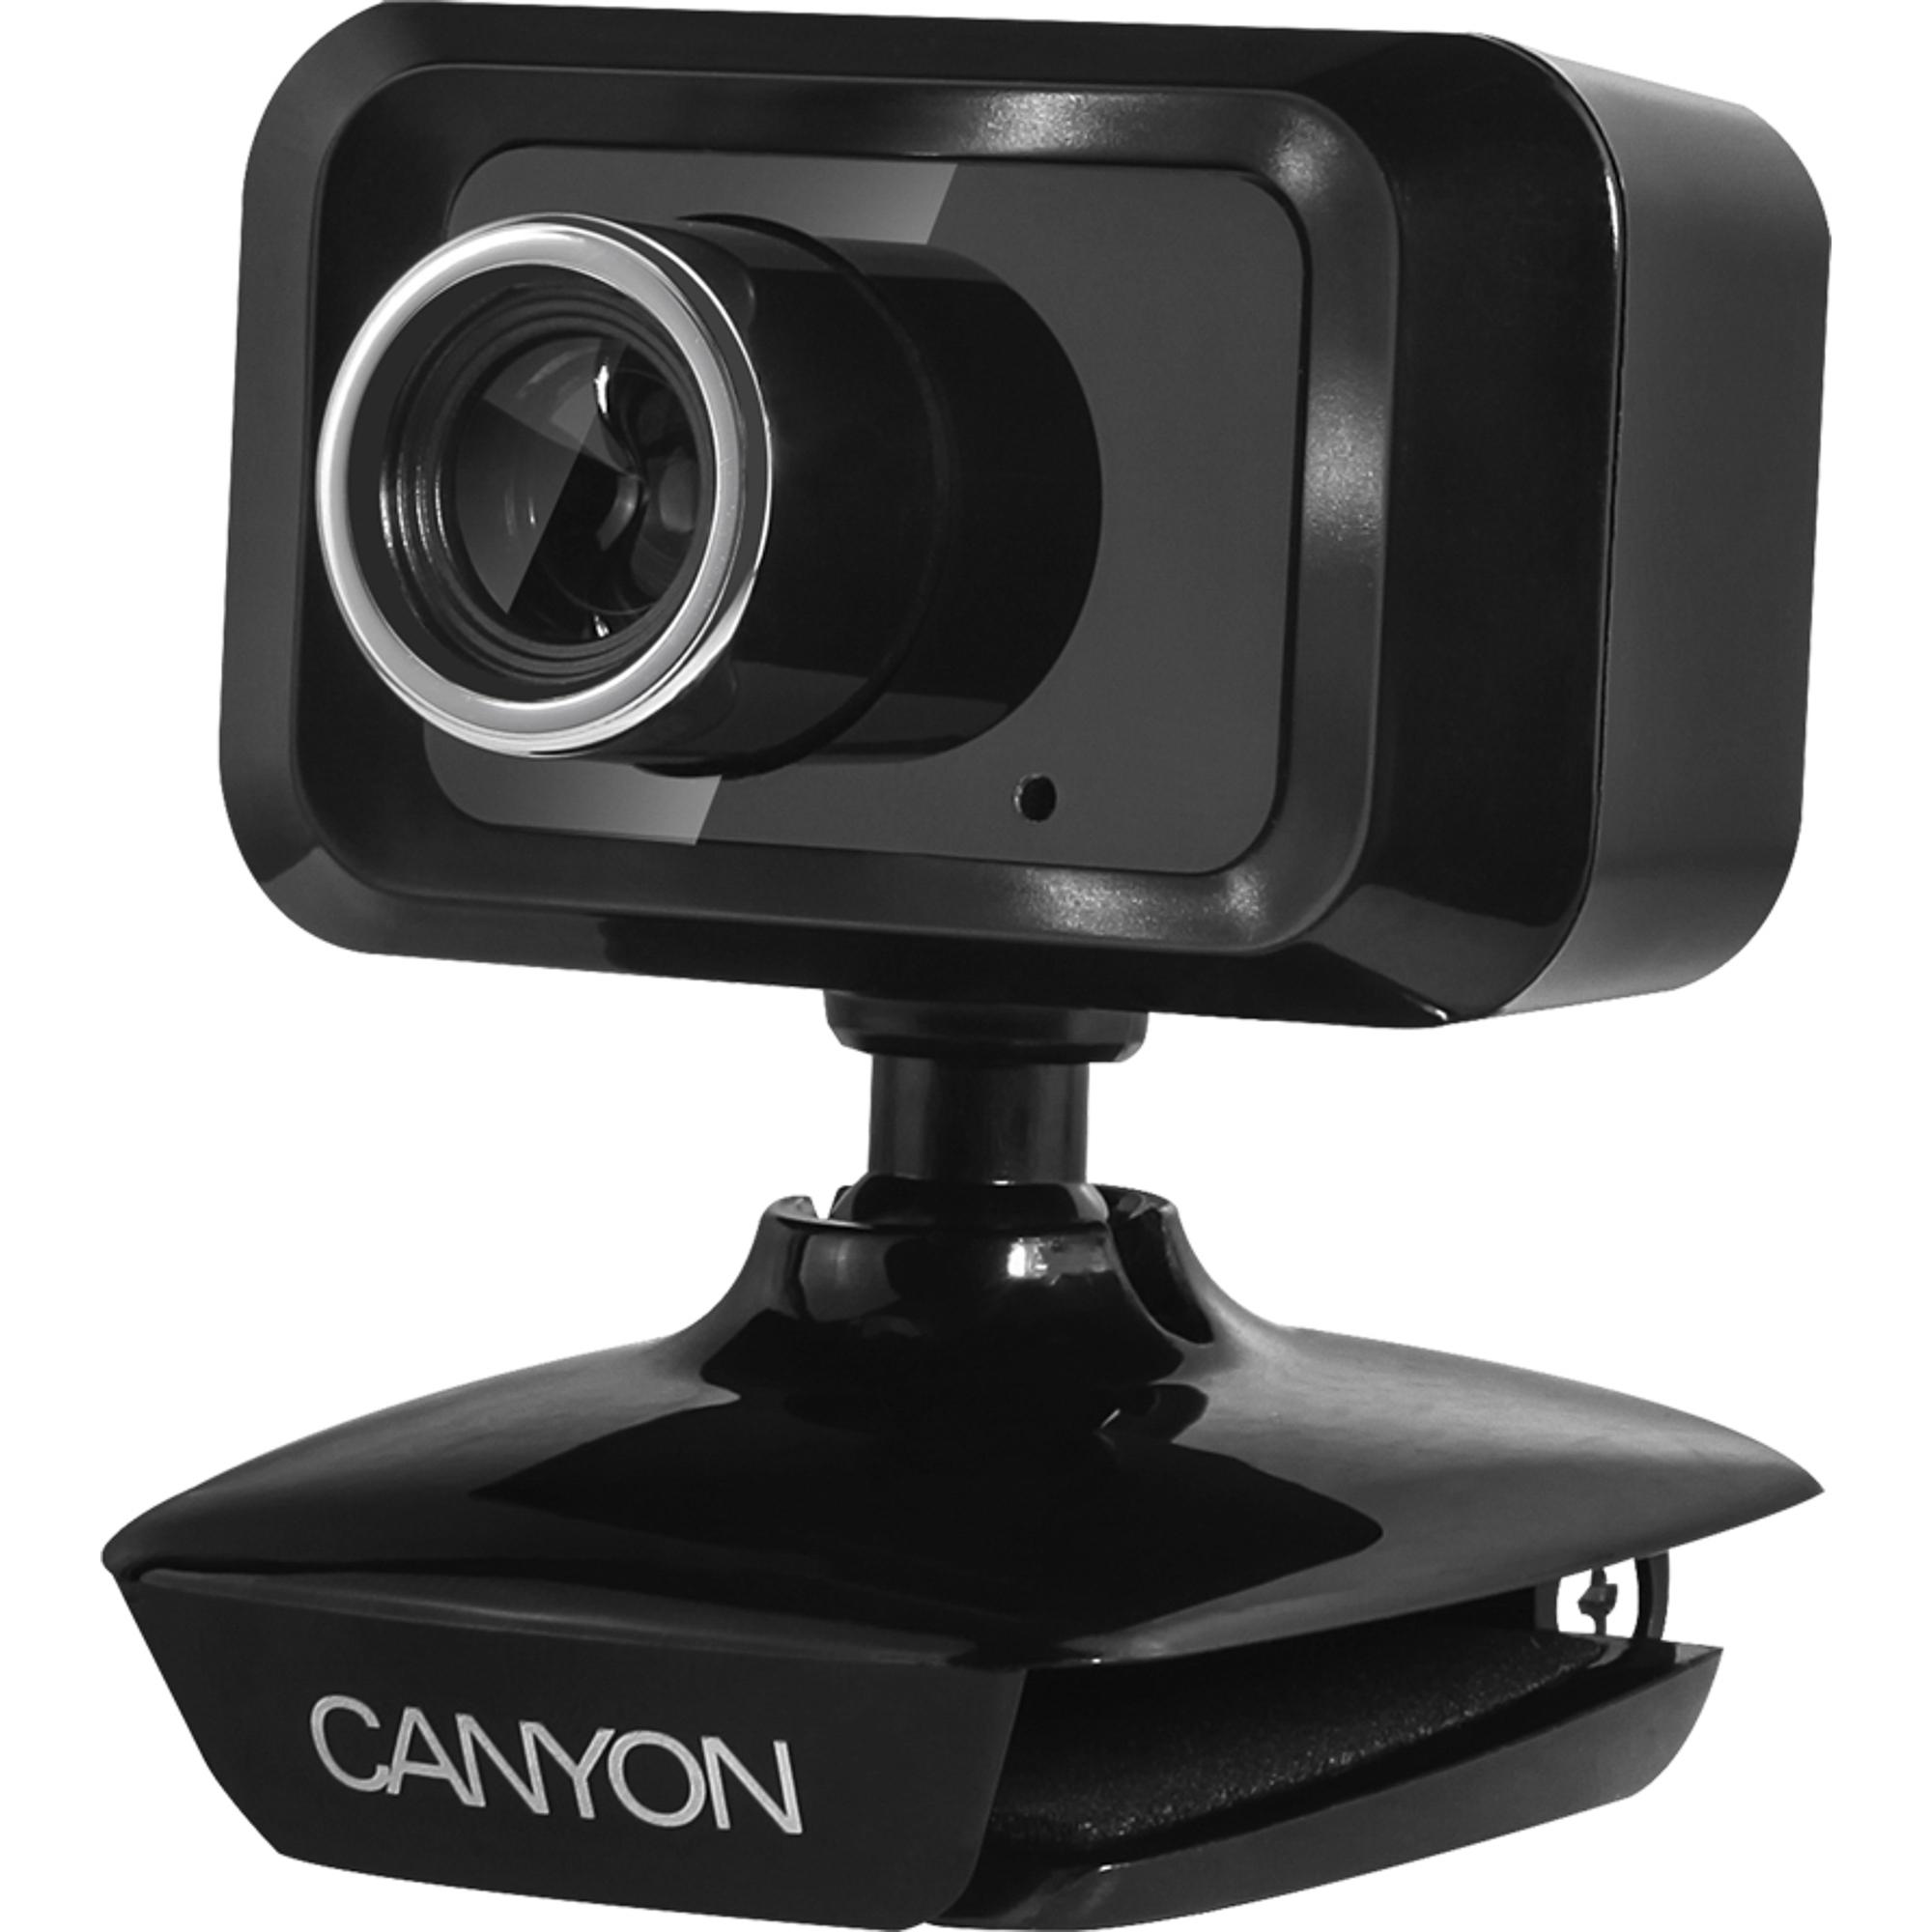 Фото - Веб-камера Canyon CNE-CWC1 эванс ф оценка компаний при слияниях и поглощениях создание стоимости в частных компаниях